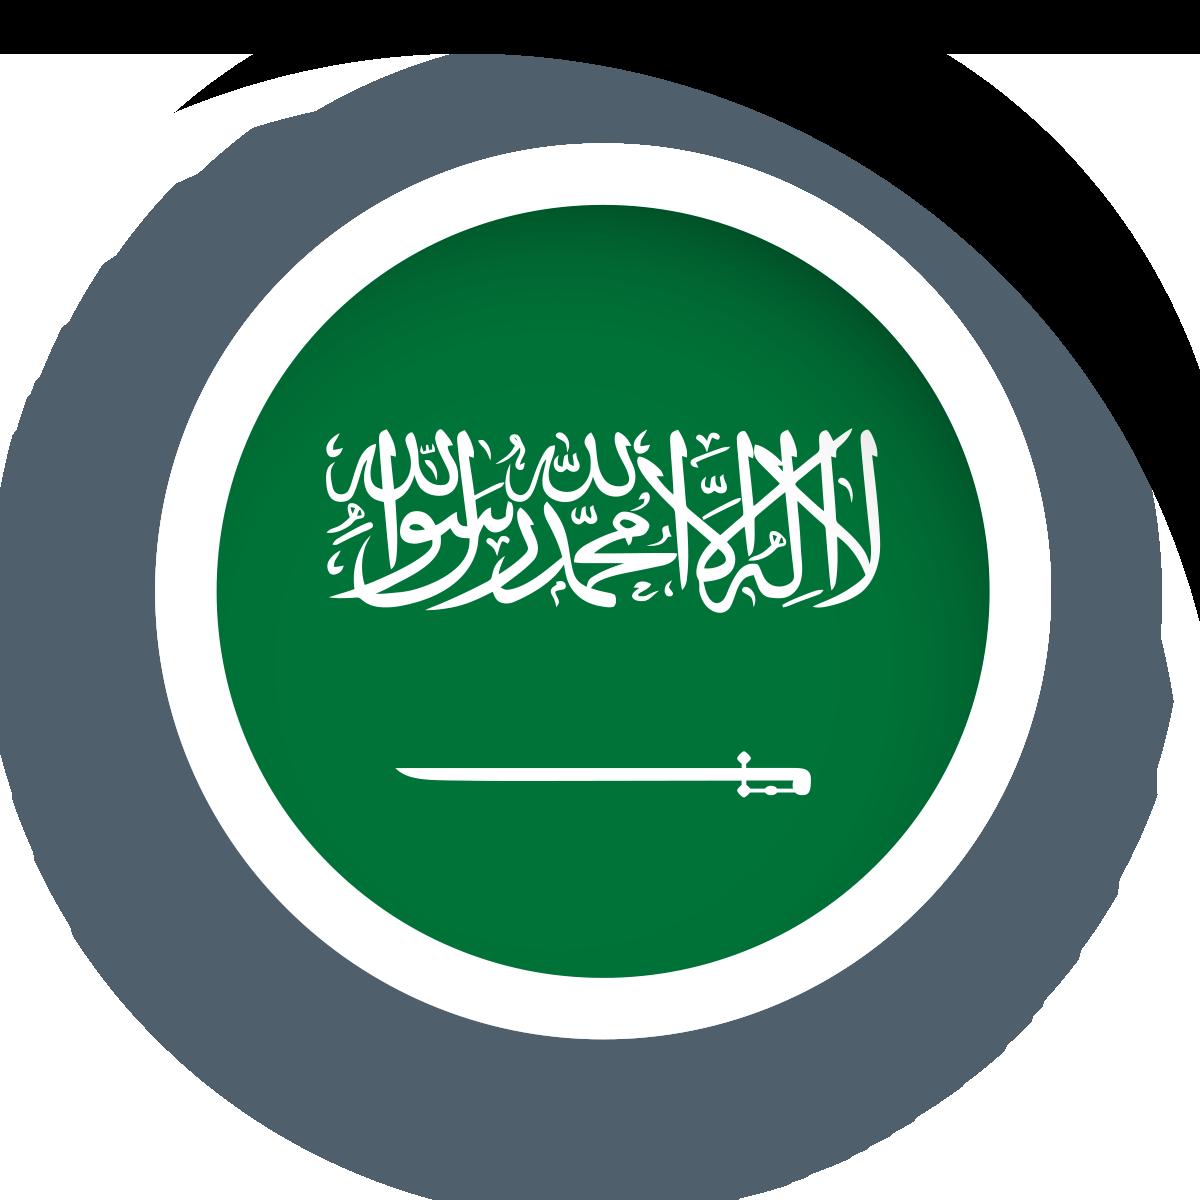 Diğer Yabancı Dil Eğitimleri - Arapca kategori - Amerikan Dili Edebiyatı Yabancı Dil Kursları -